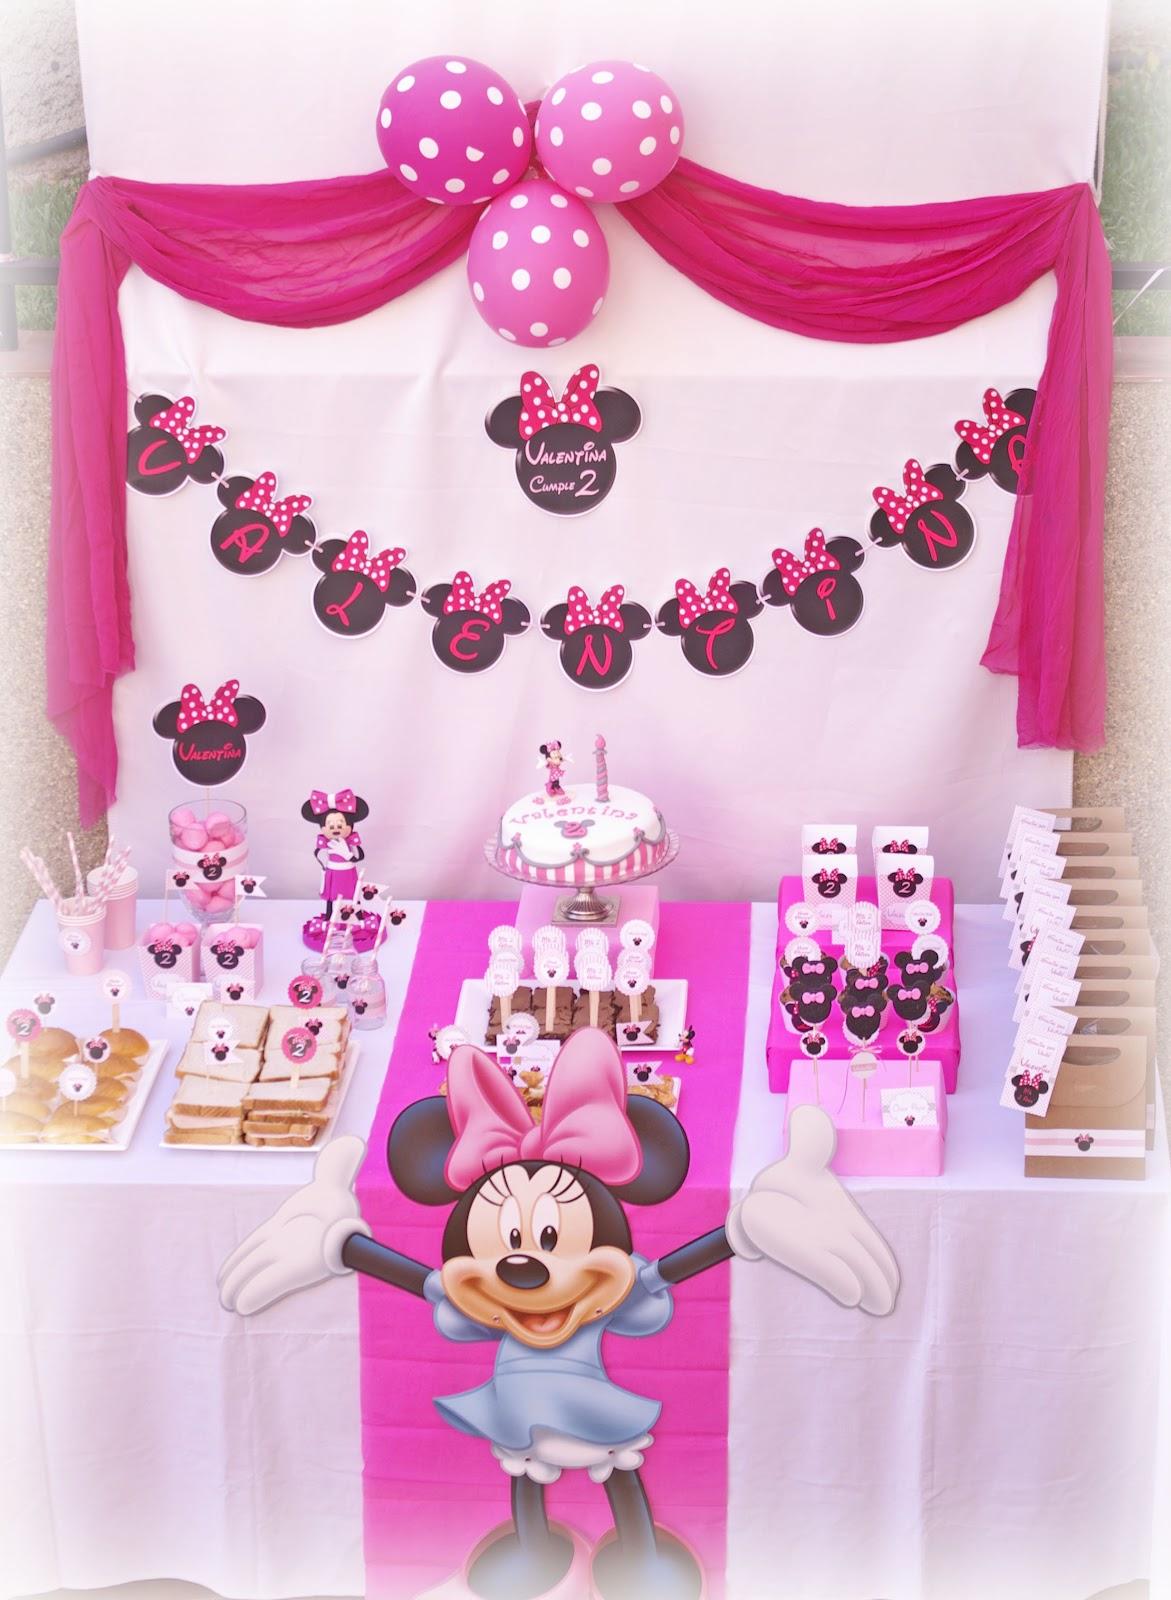 dejo algunas fotos de la fiesta de cumpleanos de minnie mouse que